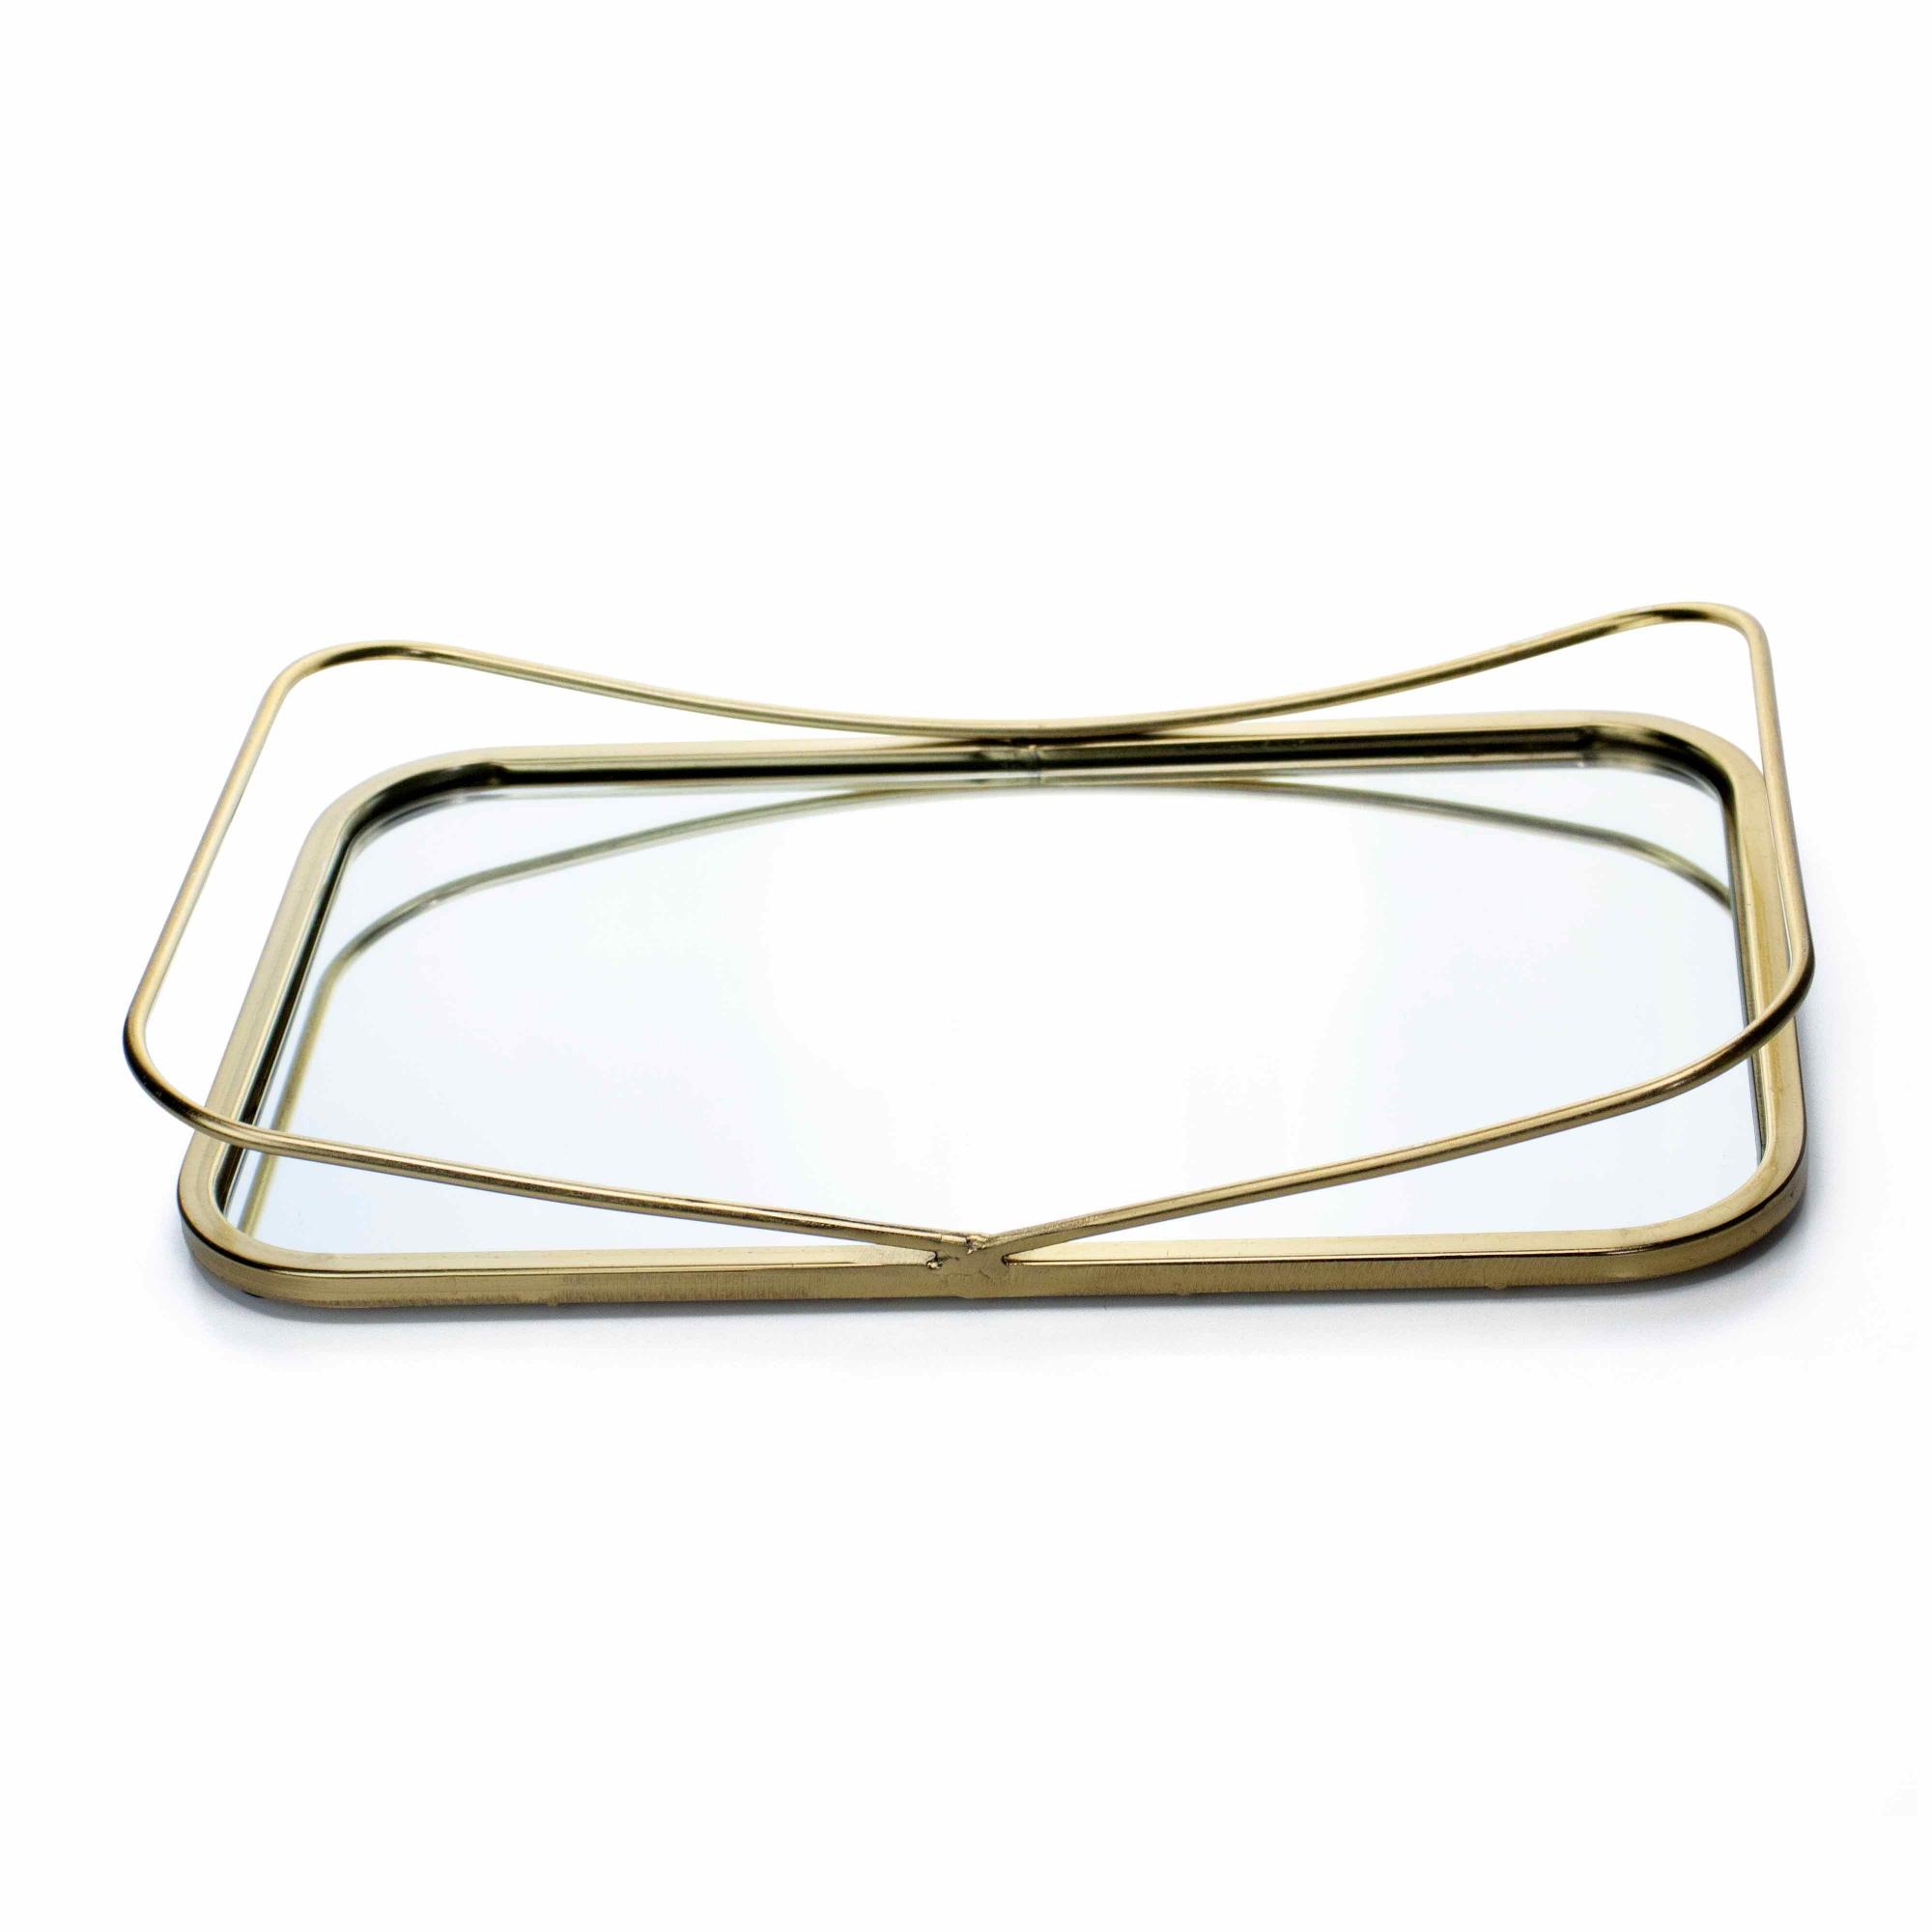 Bandeja Decorativa Retangular G em Metal Dourado com Espelho 5,5x40 cm - D'Rossi